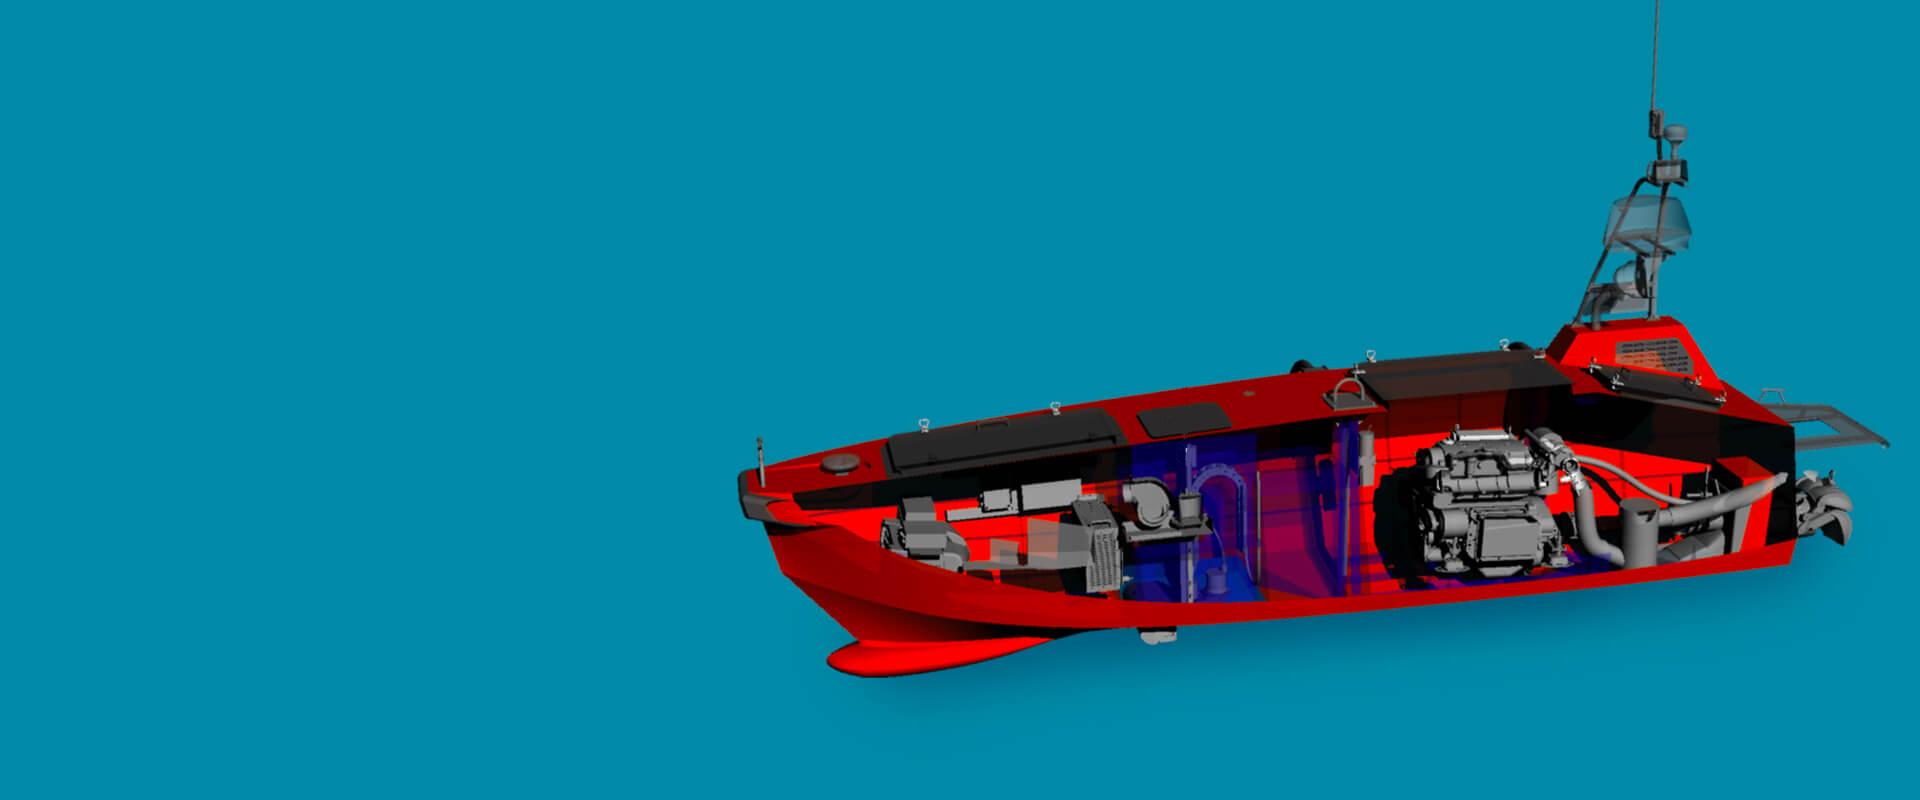 M80 hull equipment